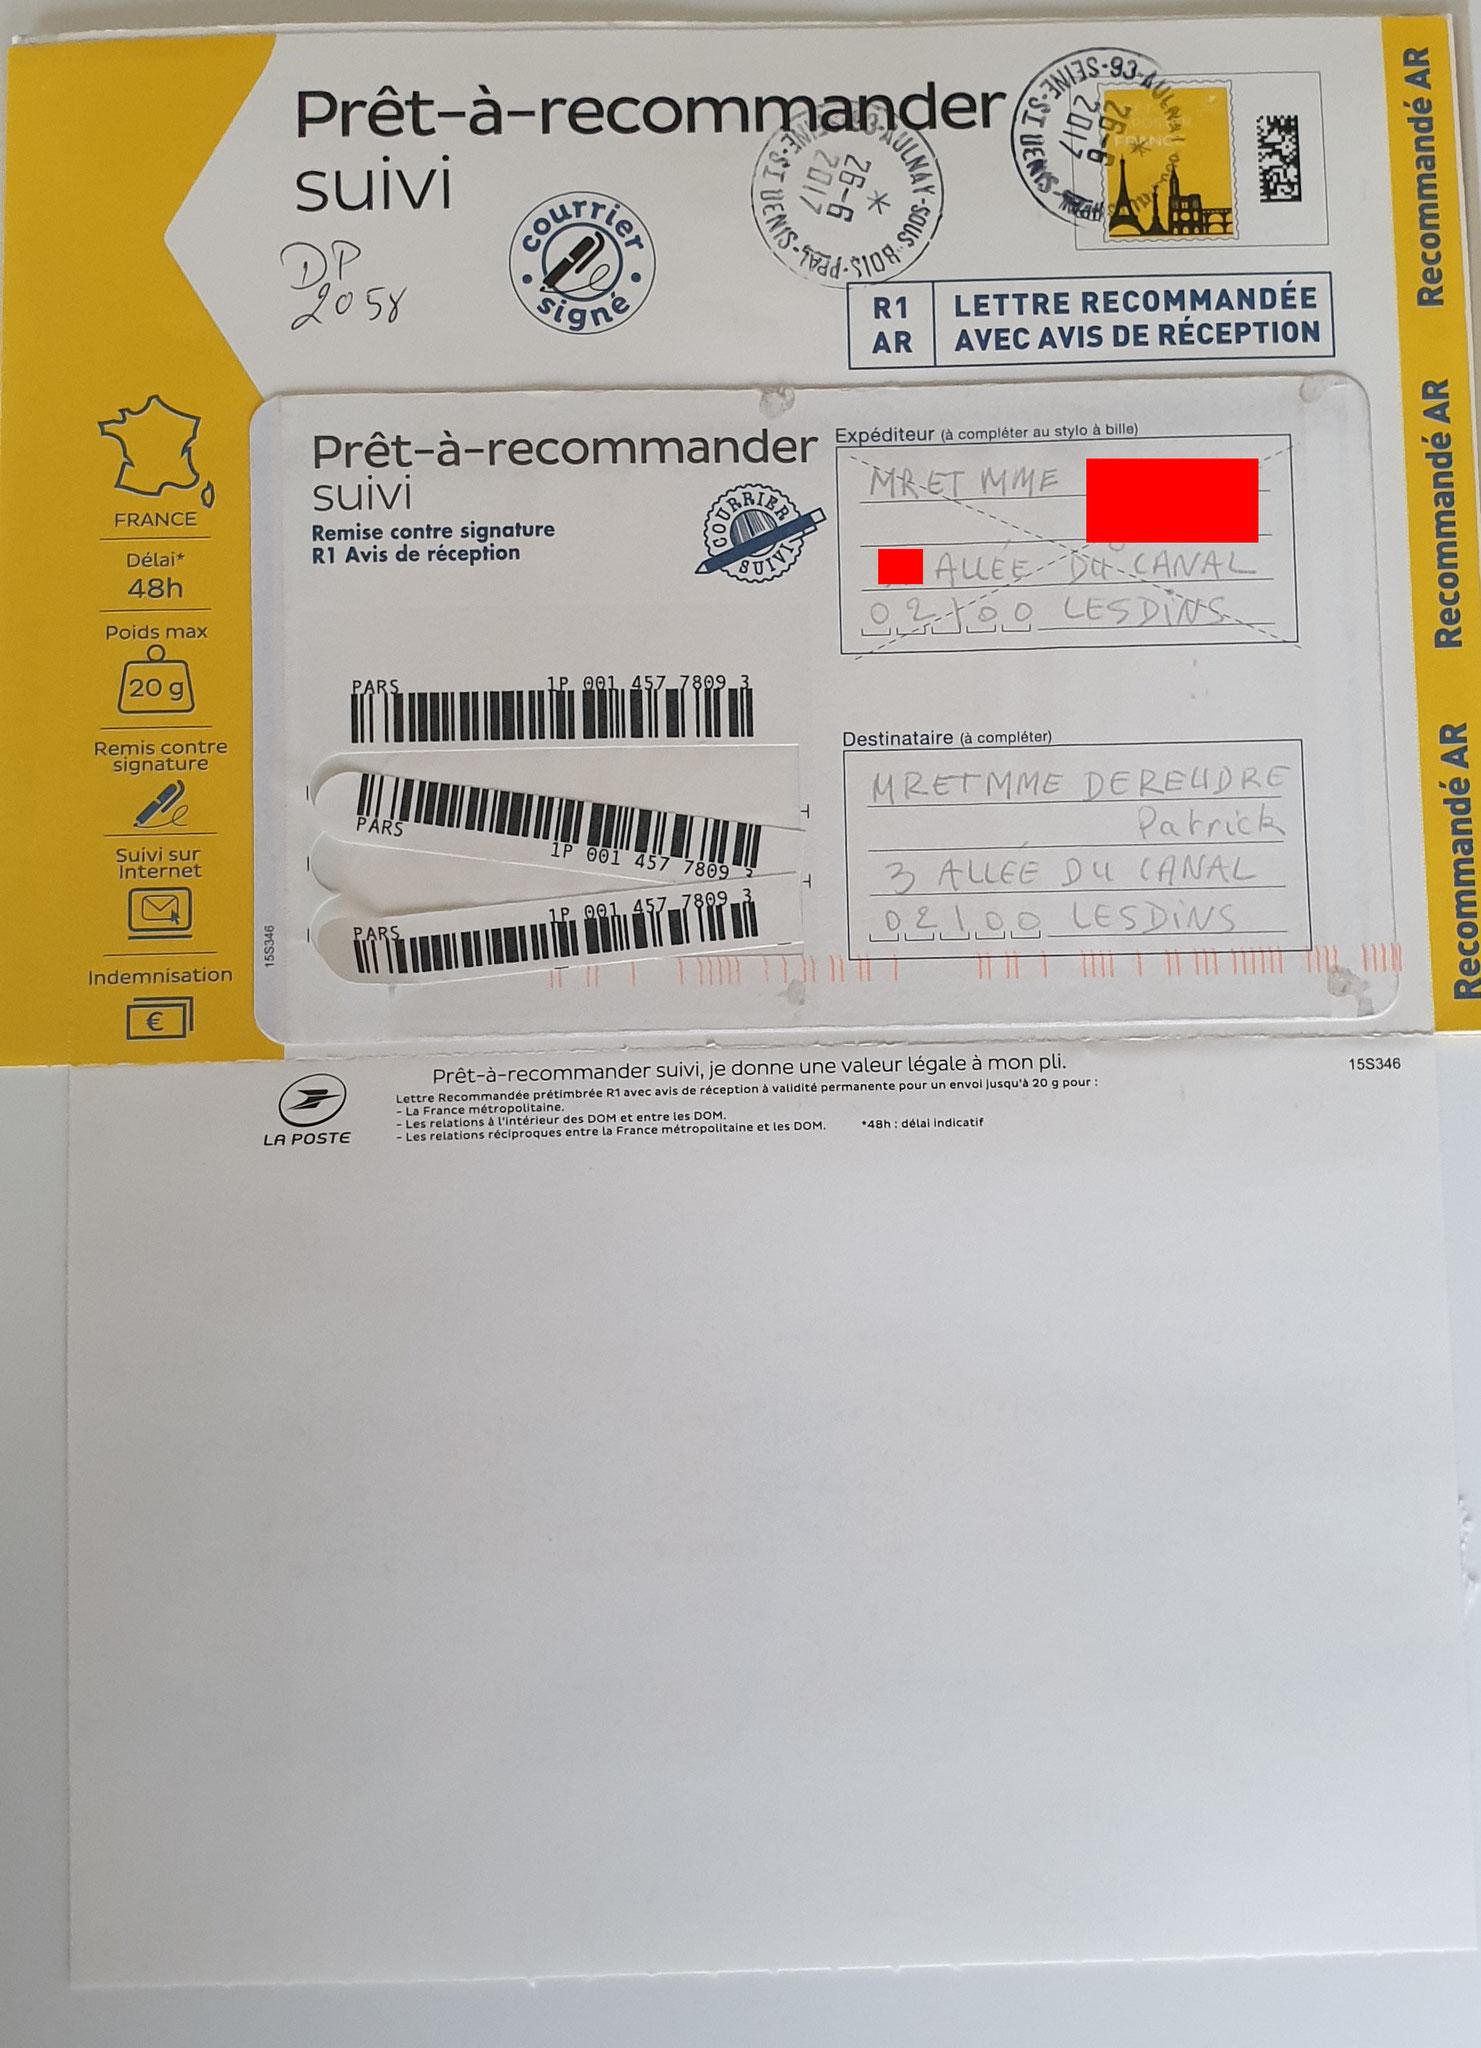 Nos chers voisins nous adresse une lettre recommandée en date du 26 Juin 2017 N0 1P 001 457 7809 3 www.jesuisvictime.fr www.jesuispatrick.fr www.jenesuispasunchien.fr PARJURE & CORRUPTION